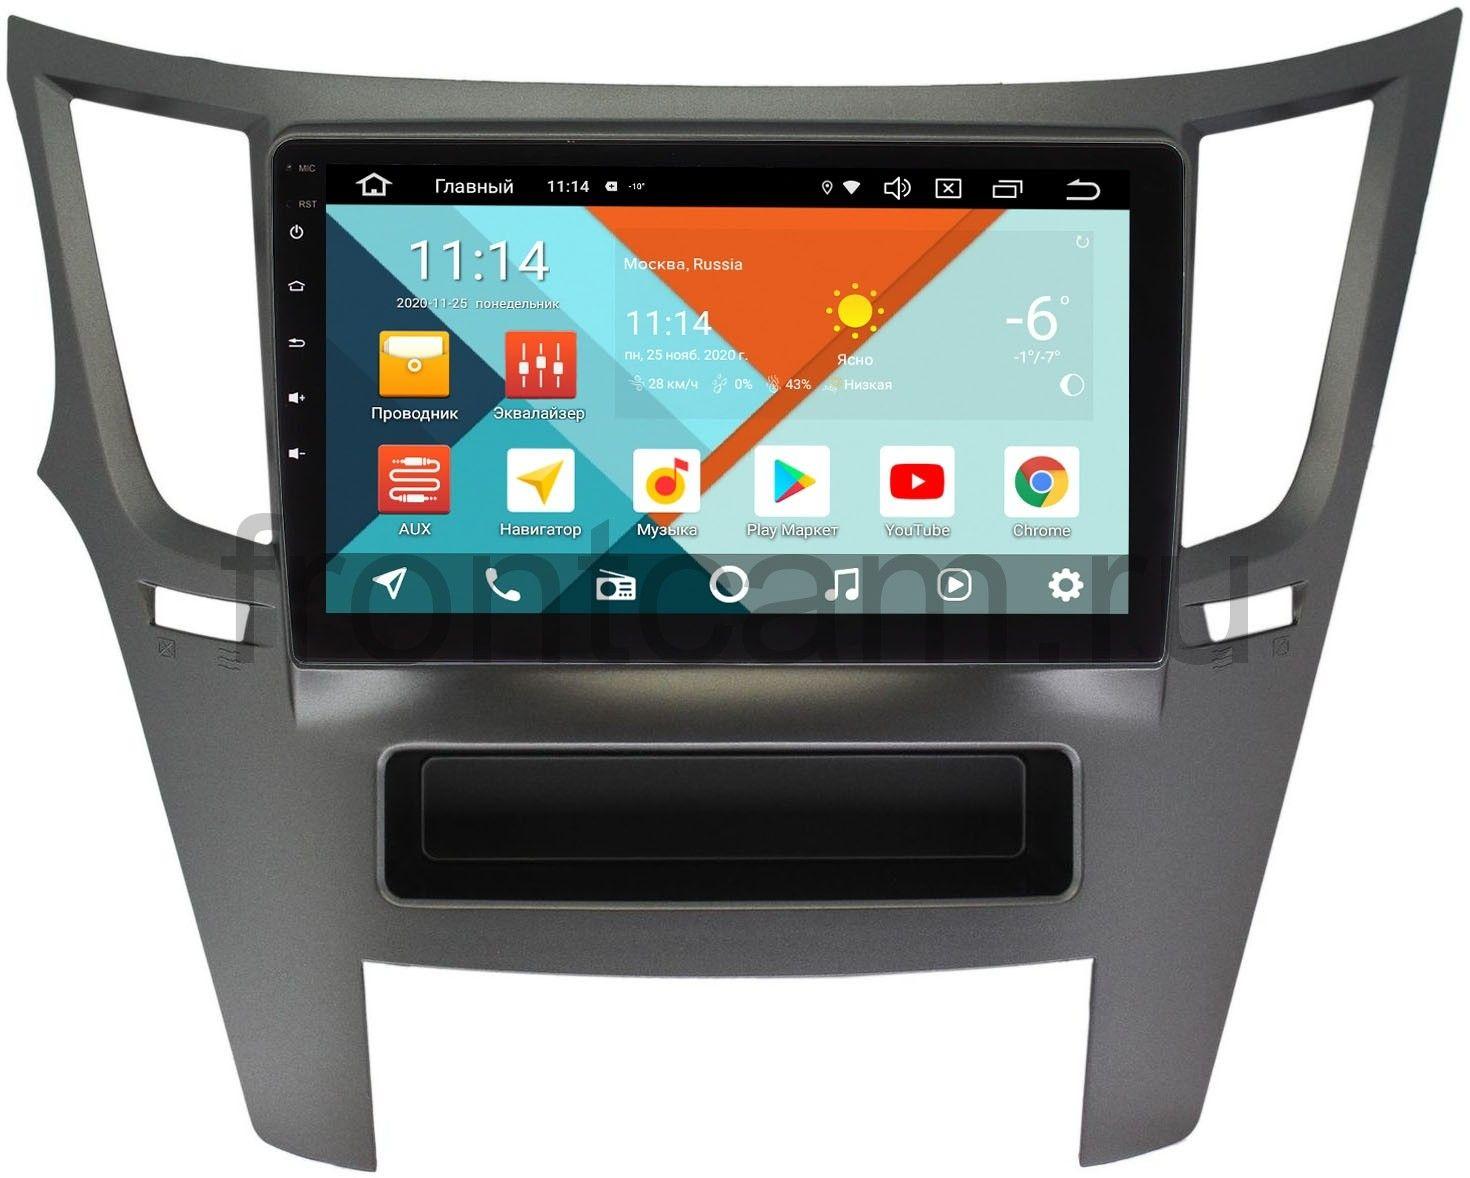 Штатная магнитола Subaru Legacy V, Outback IV Wide Media KS9051QR-3/32 DSP CarPlay 4G-SIM на Android 10 (+ Камера заднего вида в подарок!)